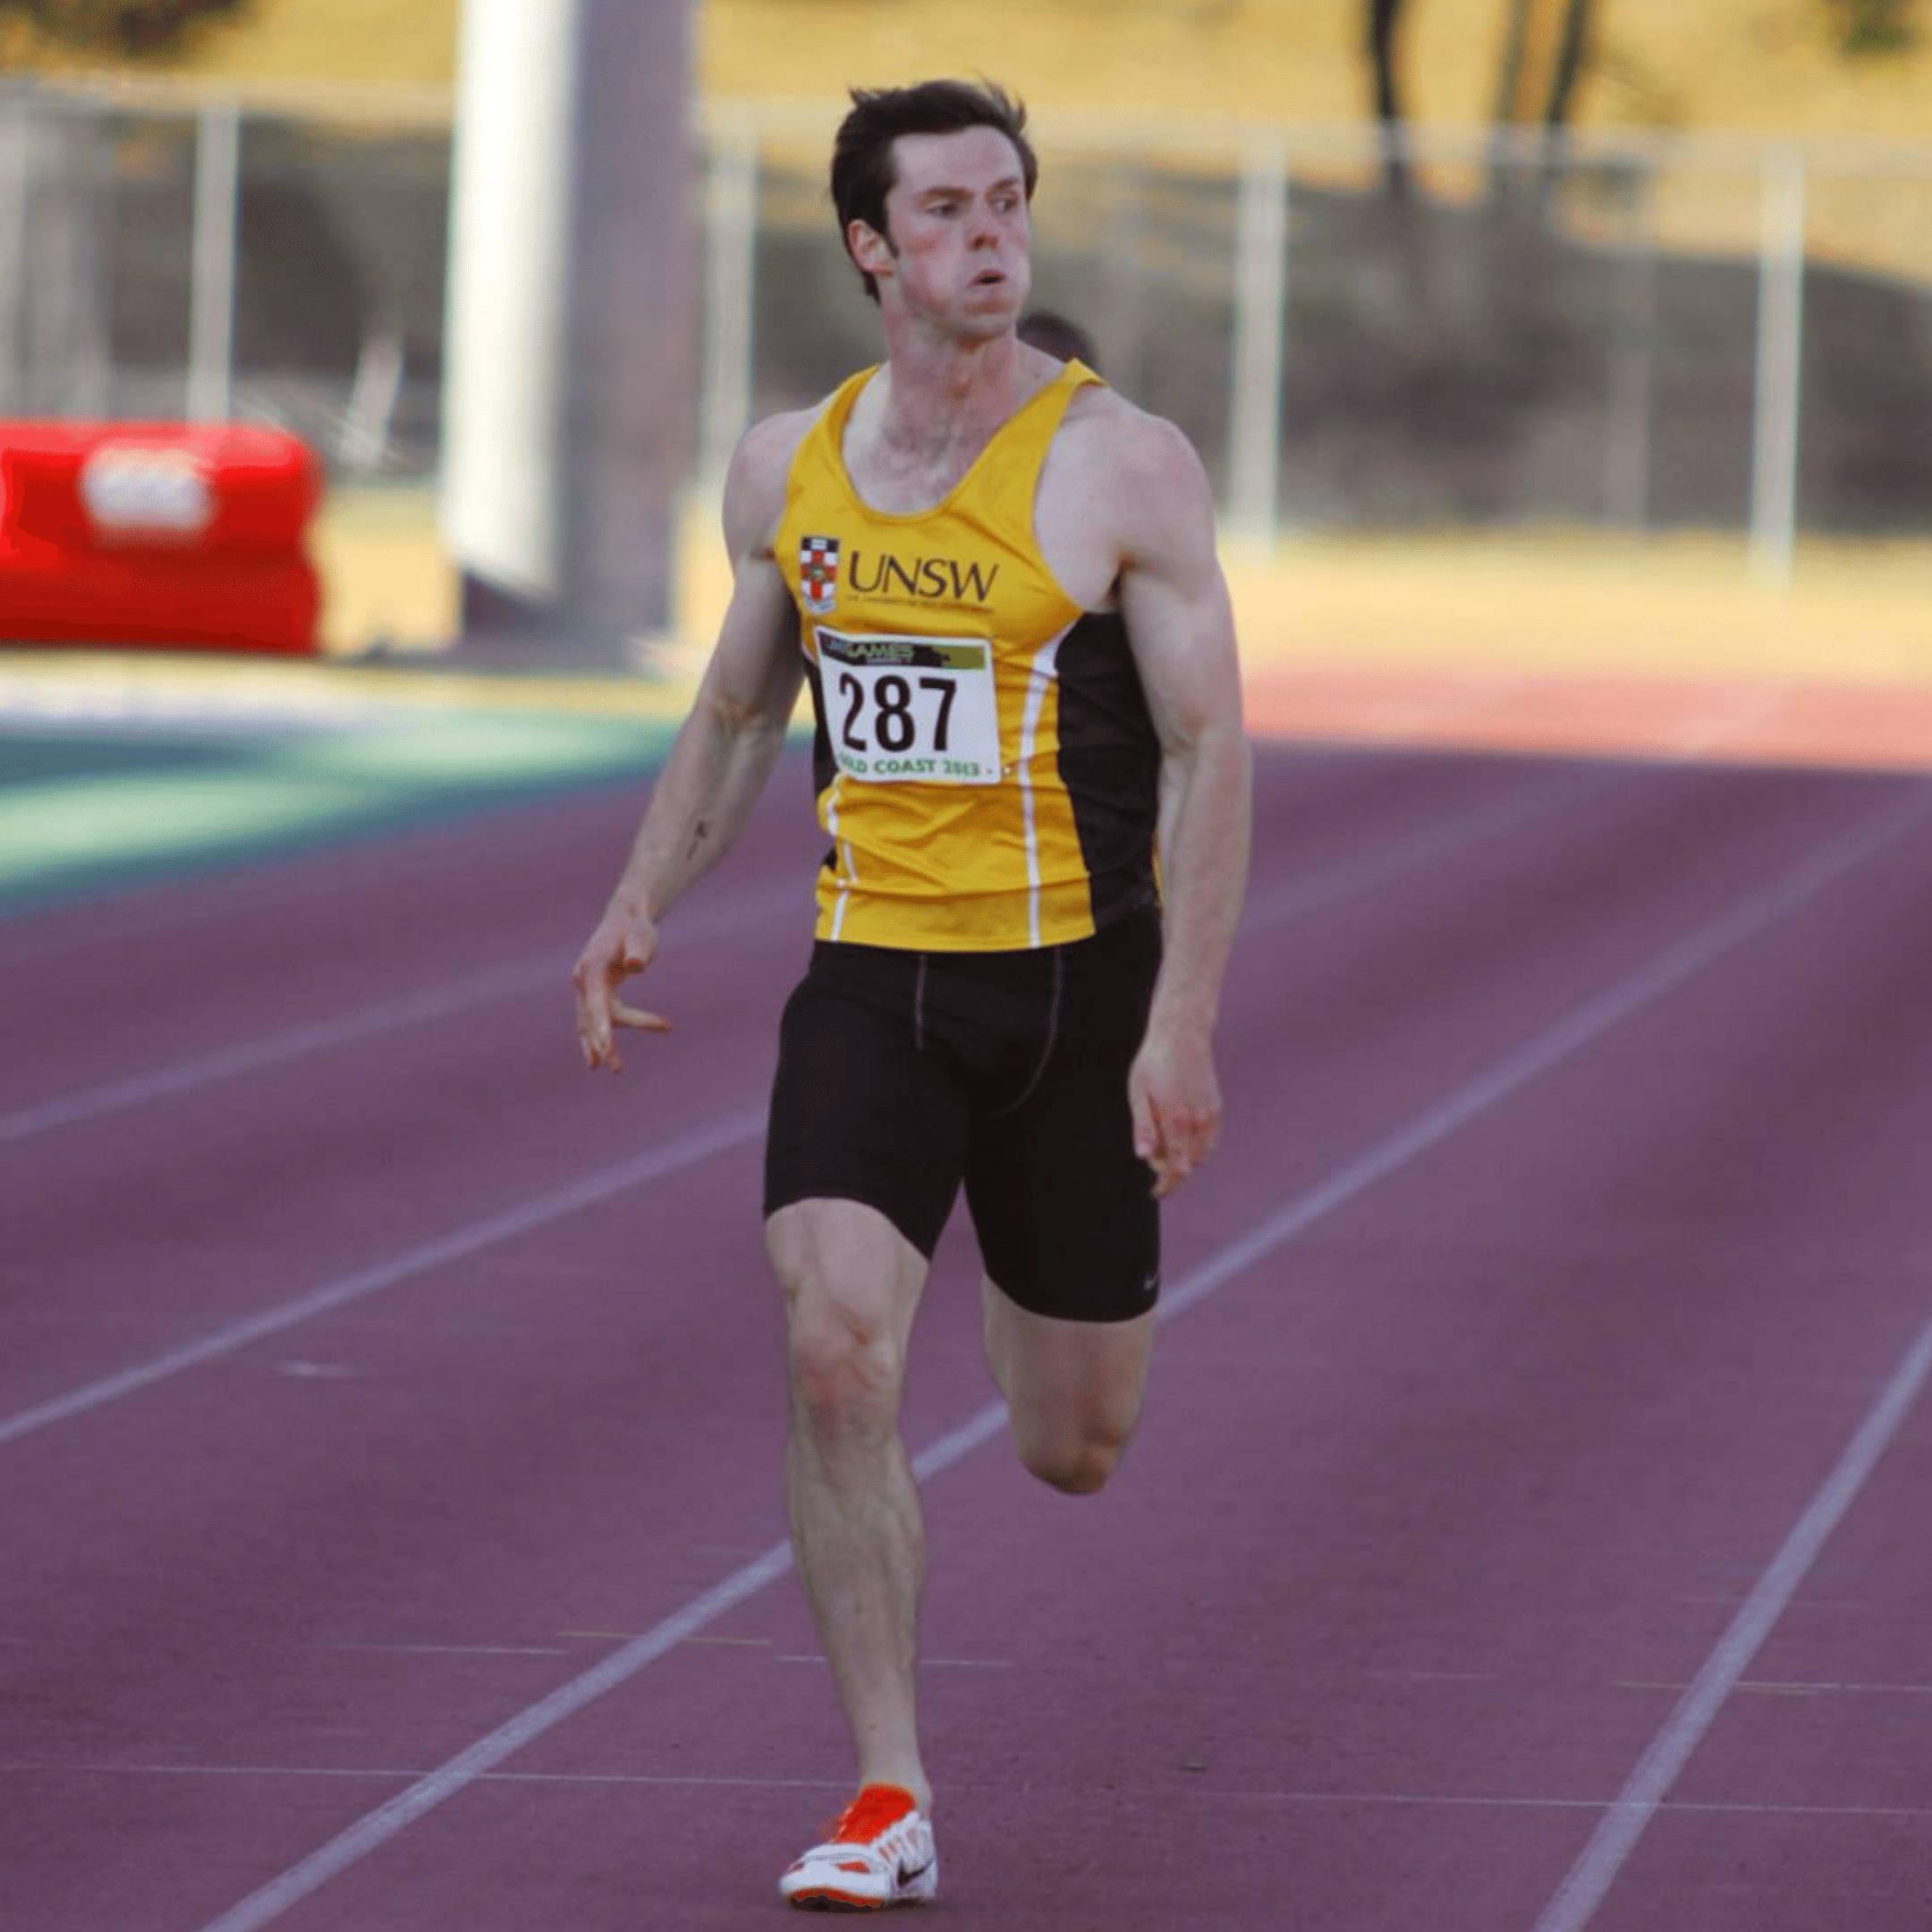 Fast male runner